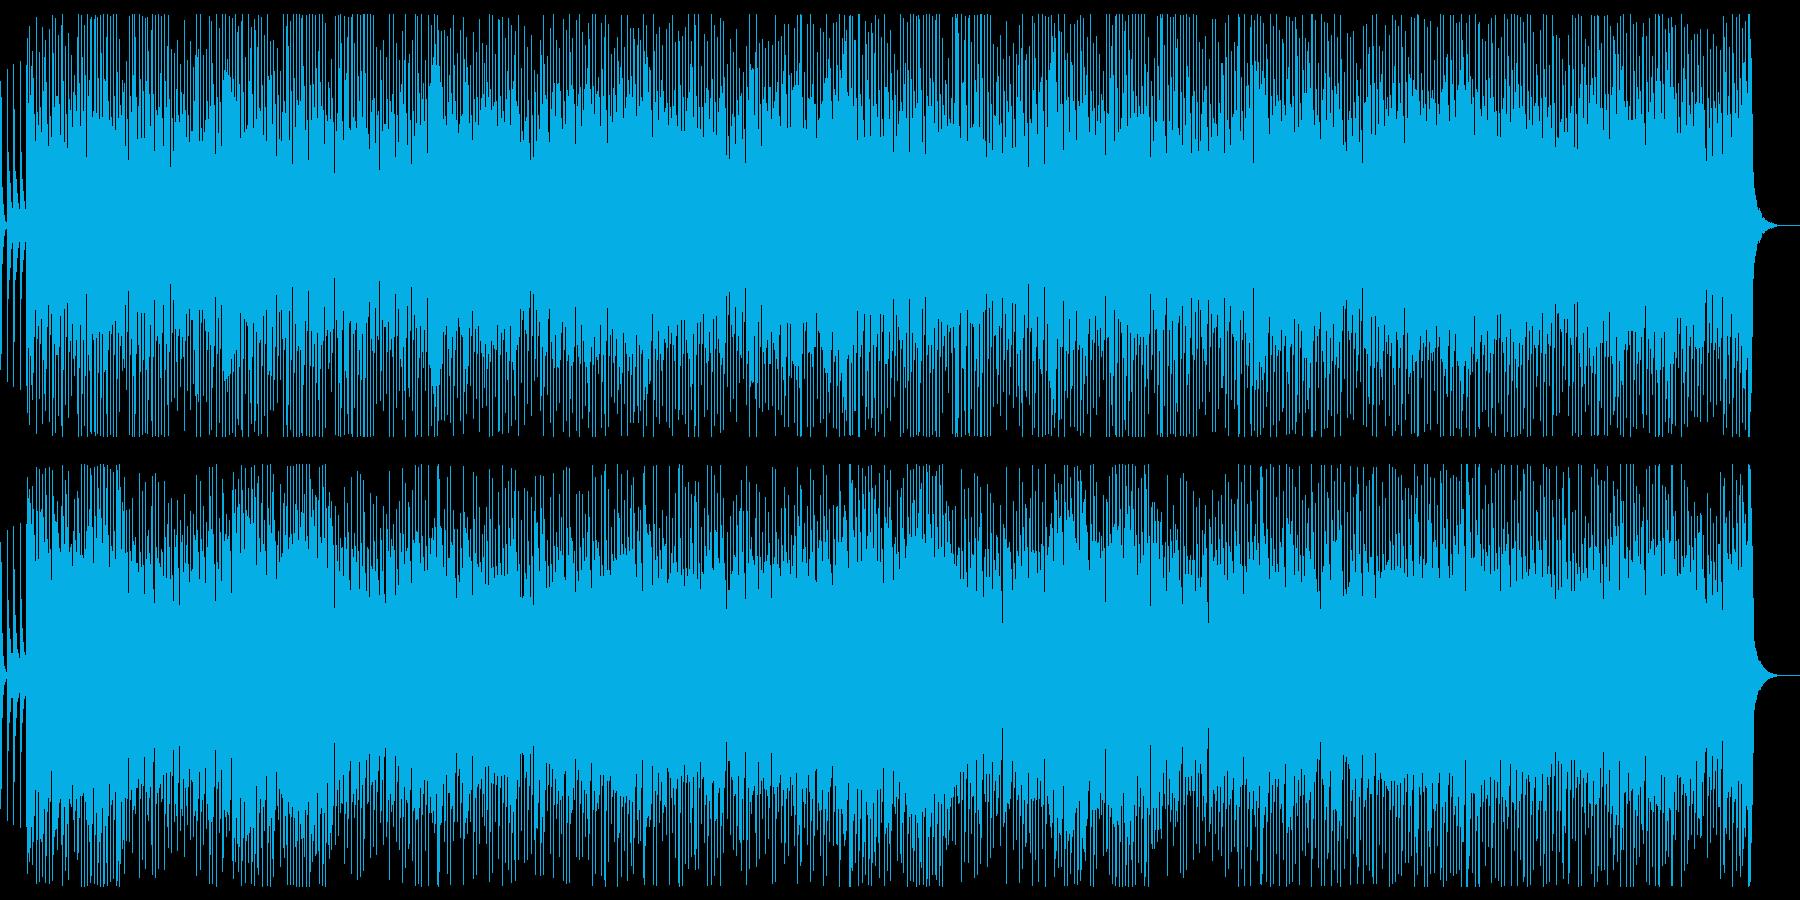 箏・笛メインのめでたくゆかいな和風楽曲の再生済みの波形